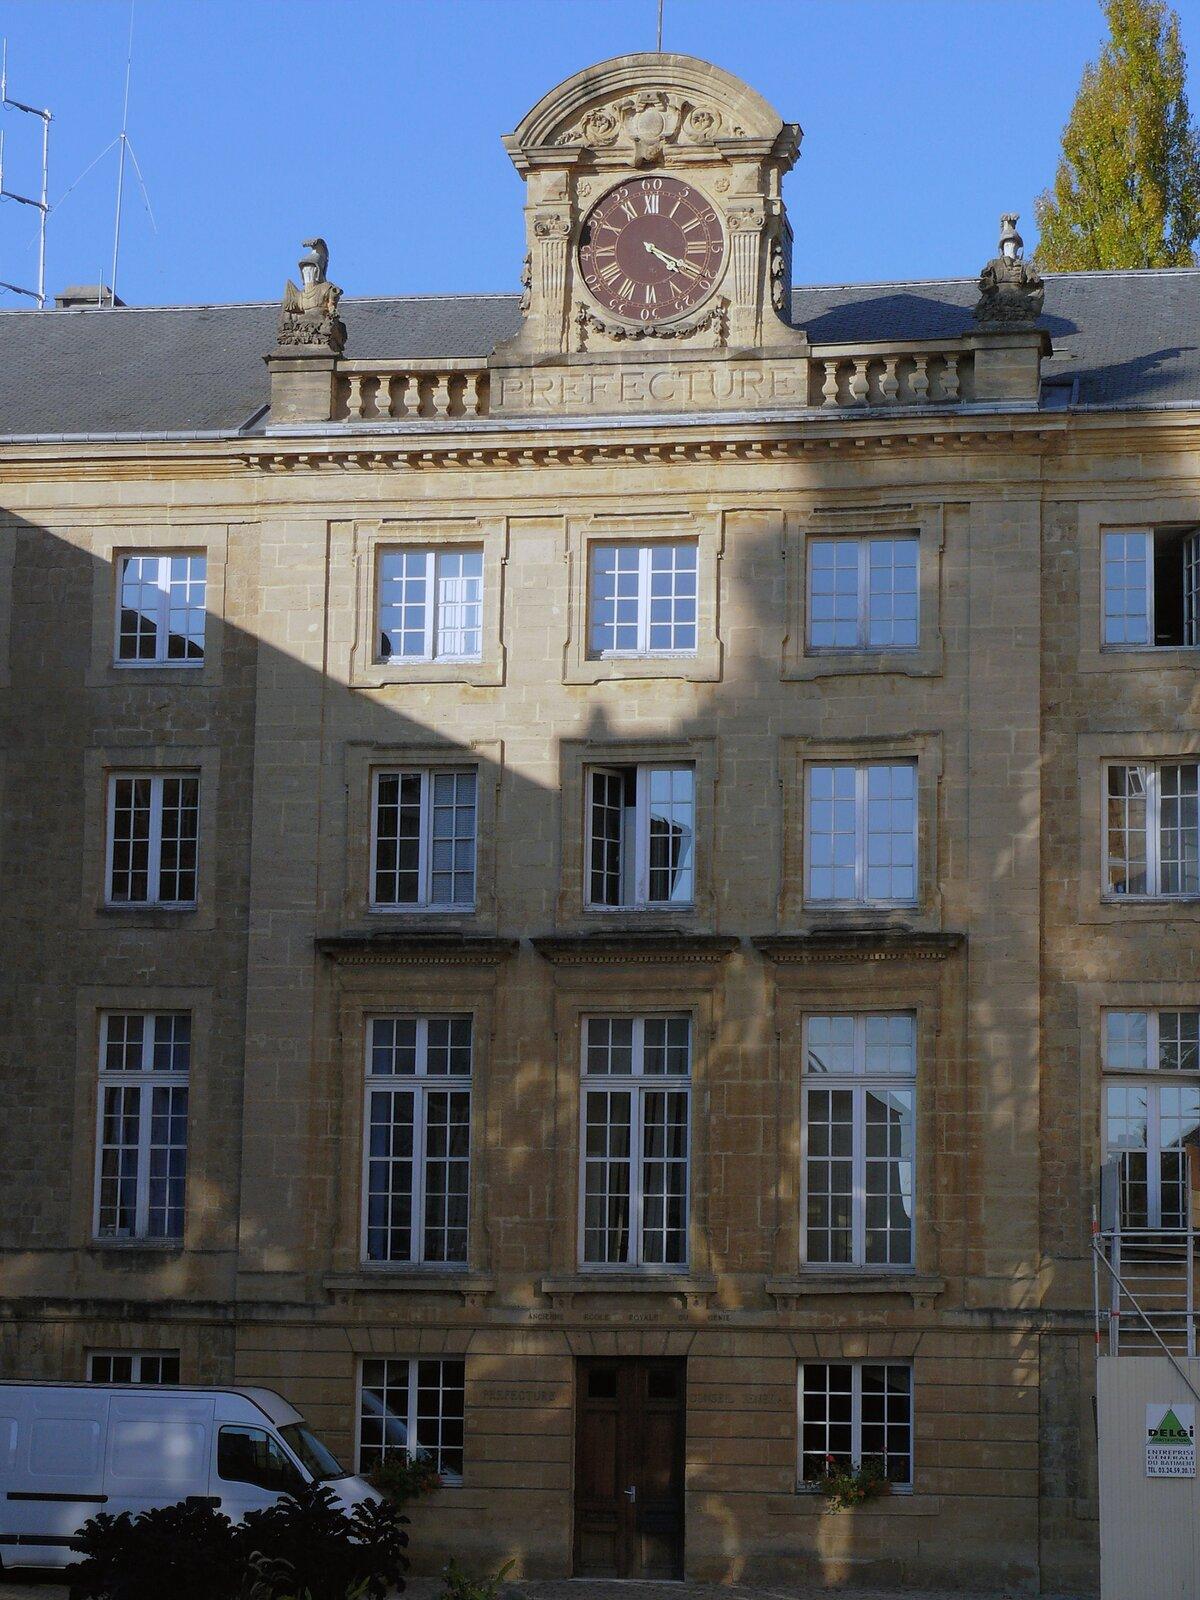 Rys. 2. Zdjęcie poglądowe przedstawia fragment historycznego budynku szkoły kształcącej inżynierów wojskowych. Fronton budynku zwieńczony attyką zzegarem.